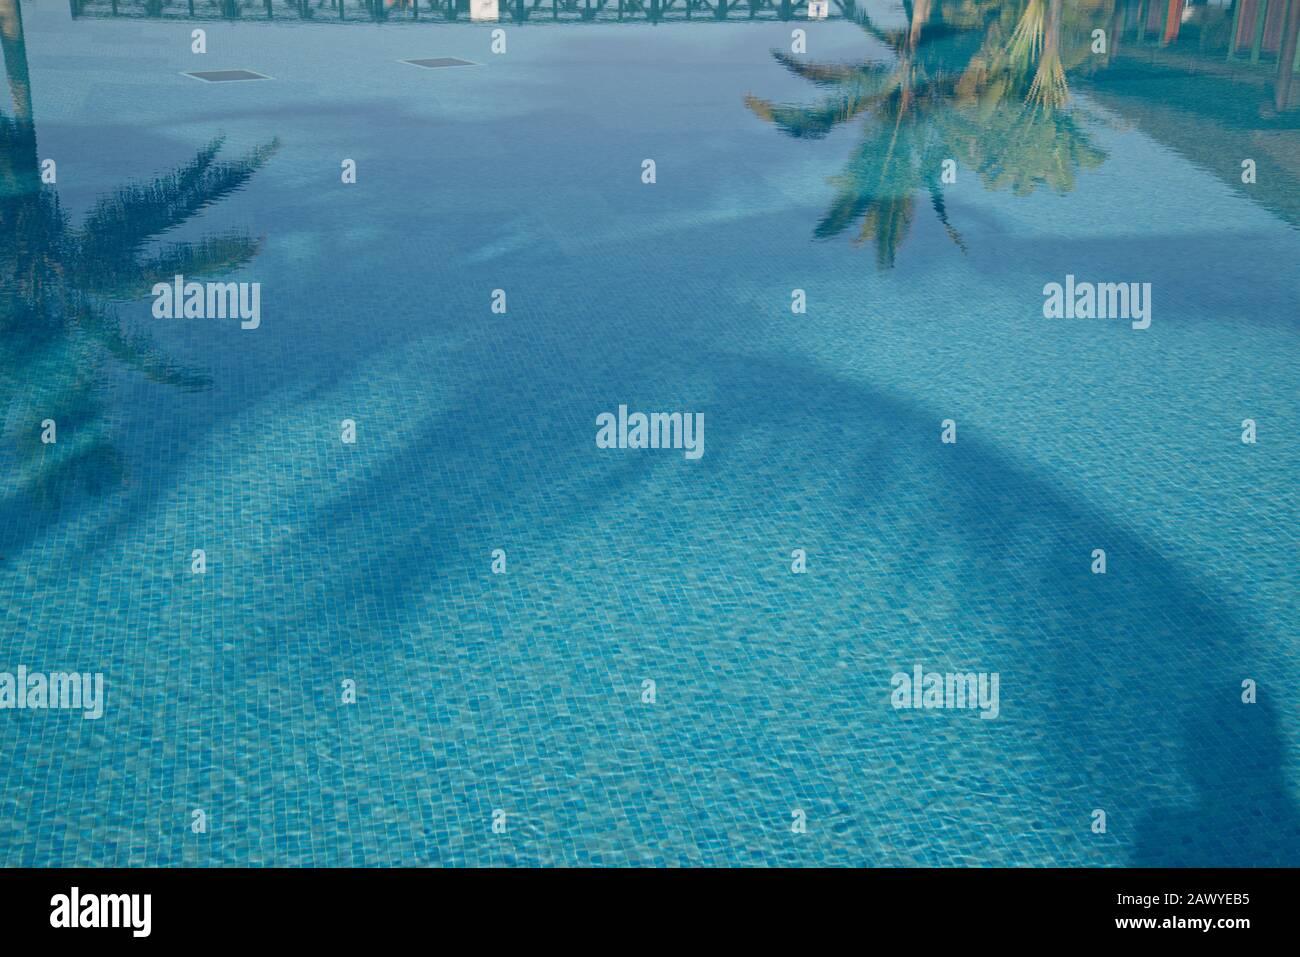 Reflexiones en piscinas azules con palmeras tropicales. Piscina de azulejos de mosaico azul. Foto de stock